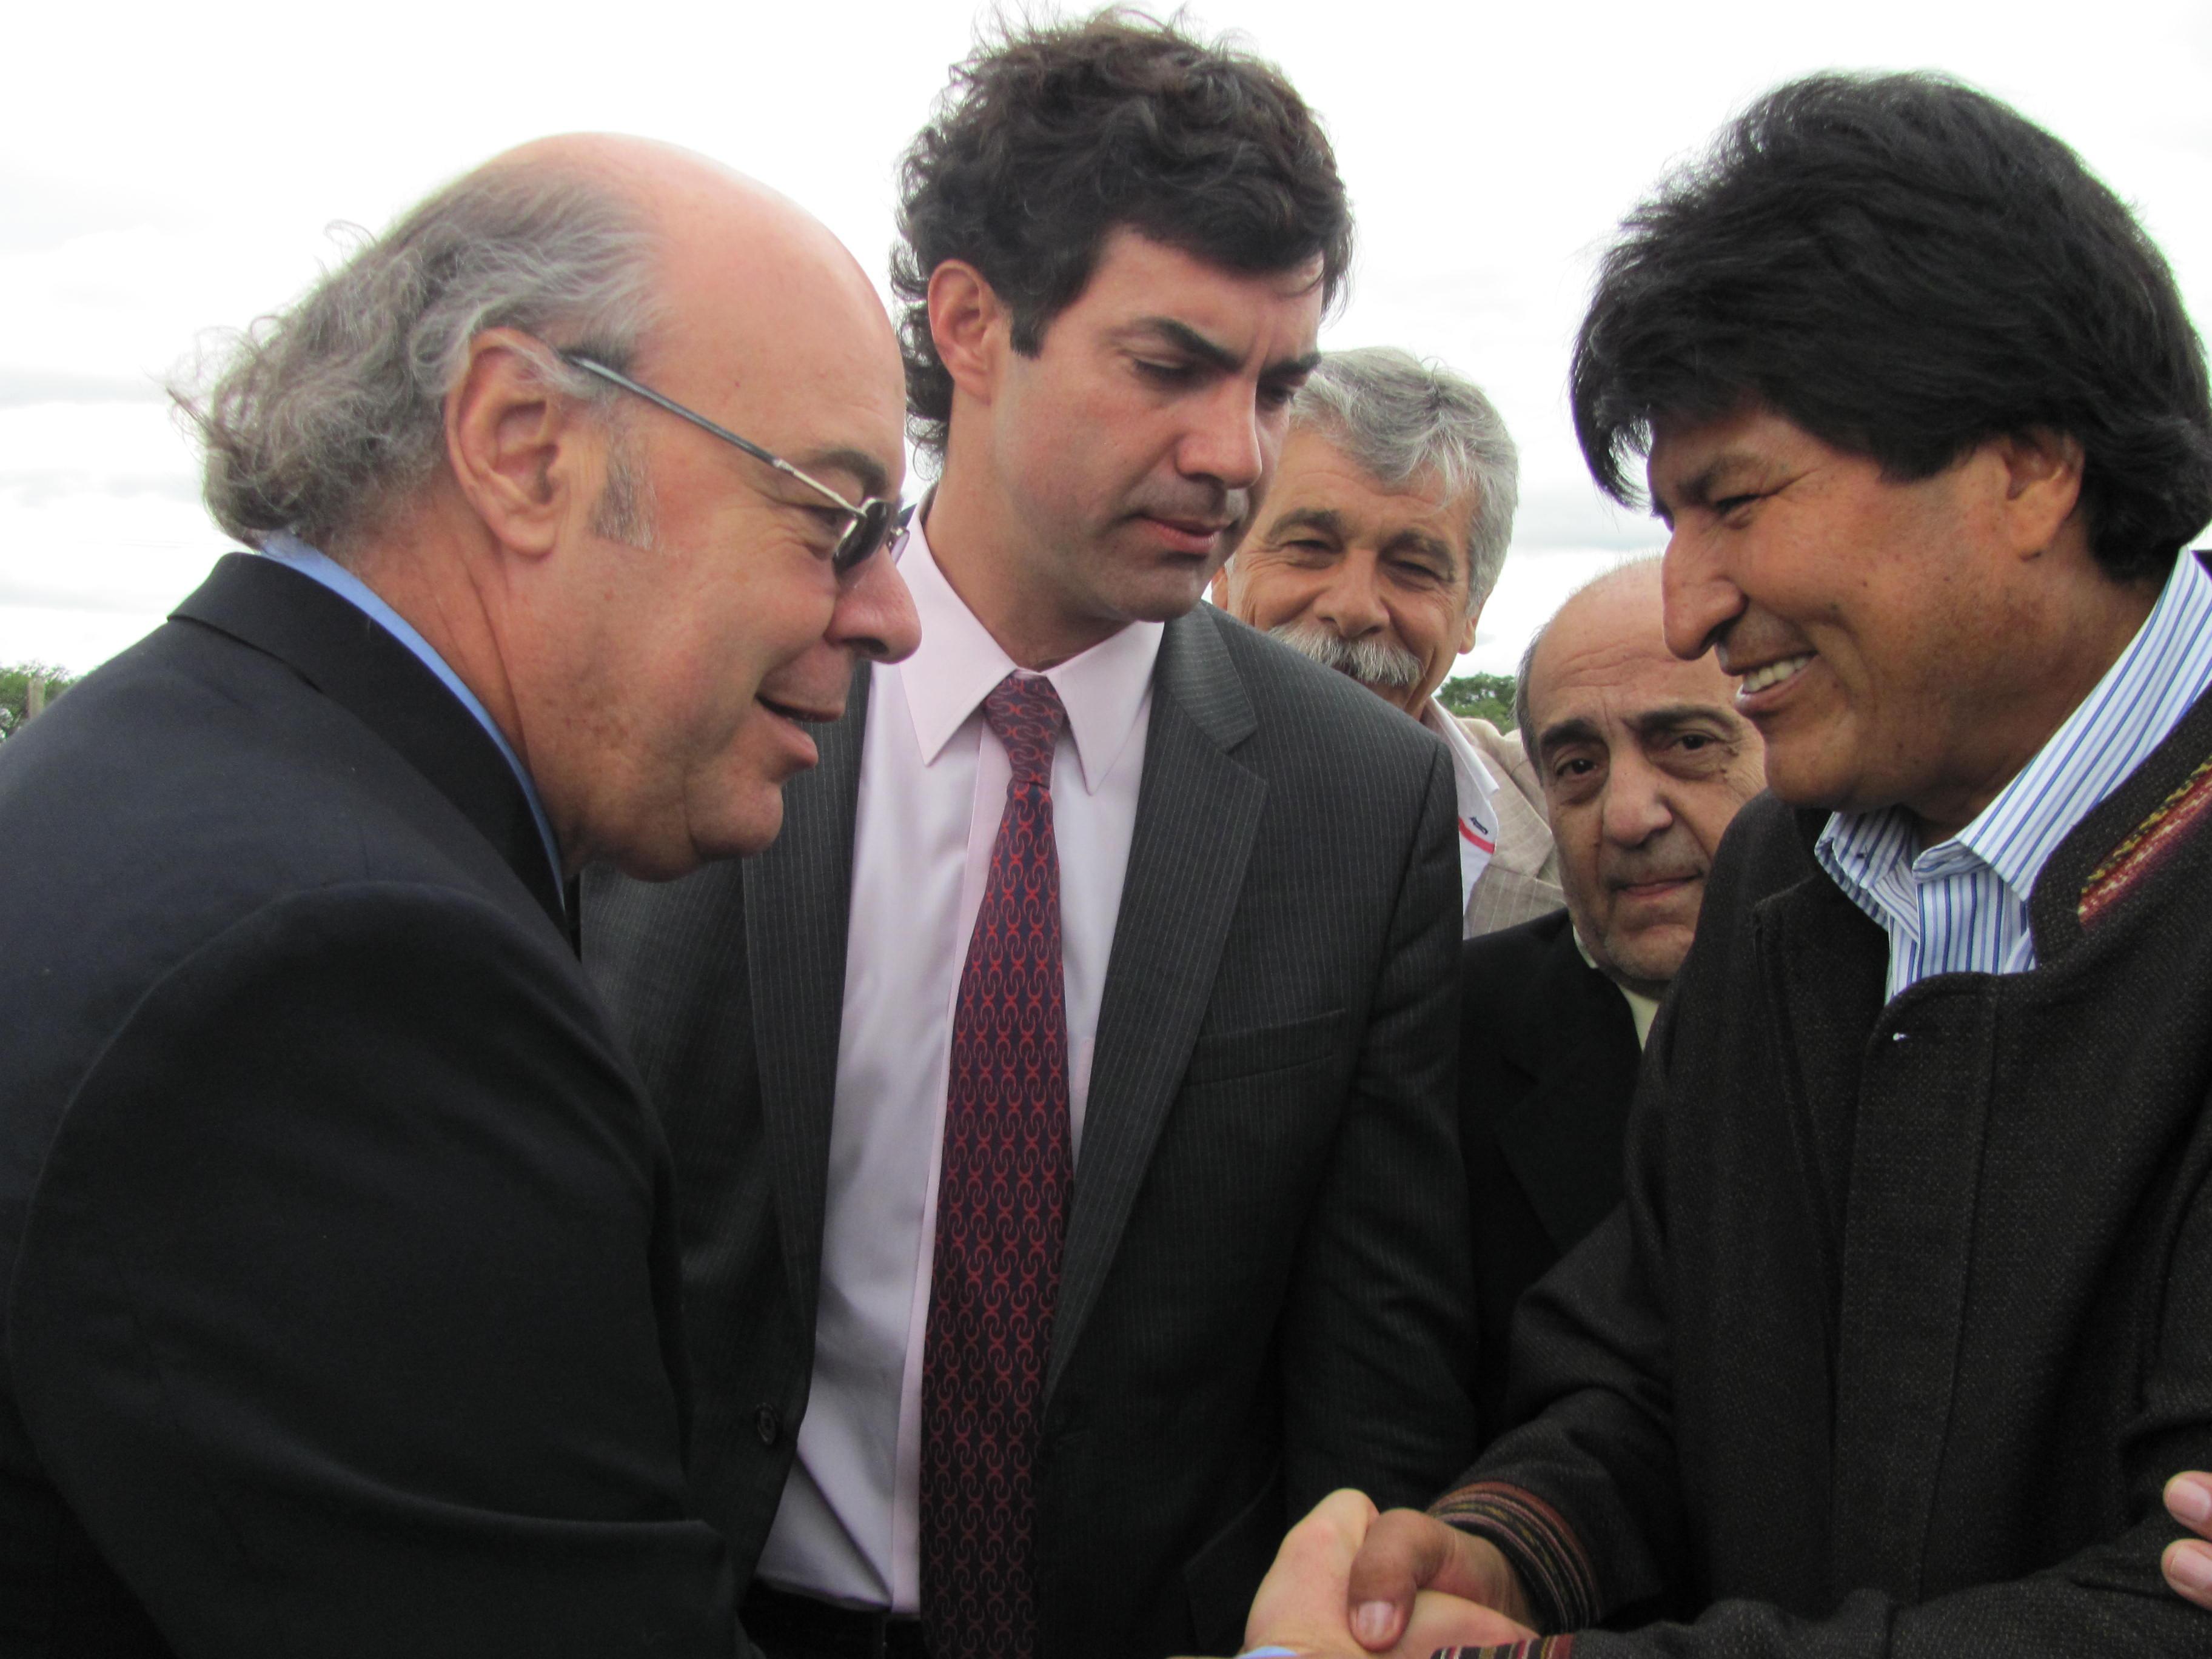 El juez Abel Cornejo saluda al presidente del Estado Plurinacional de Bolivia, Evo Morales